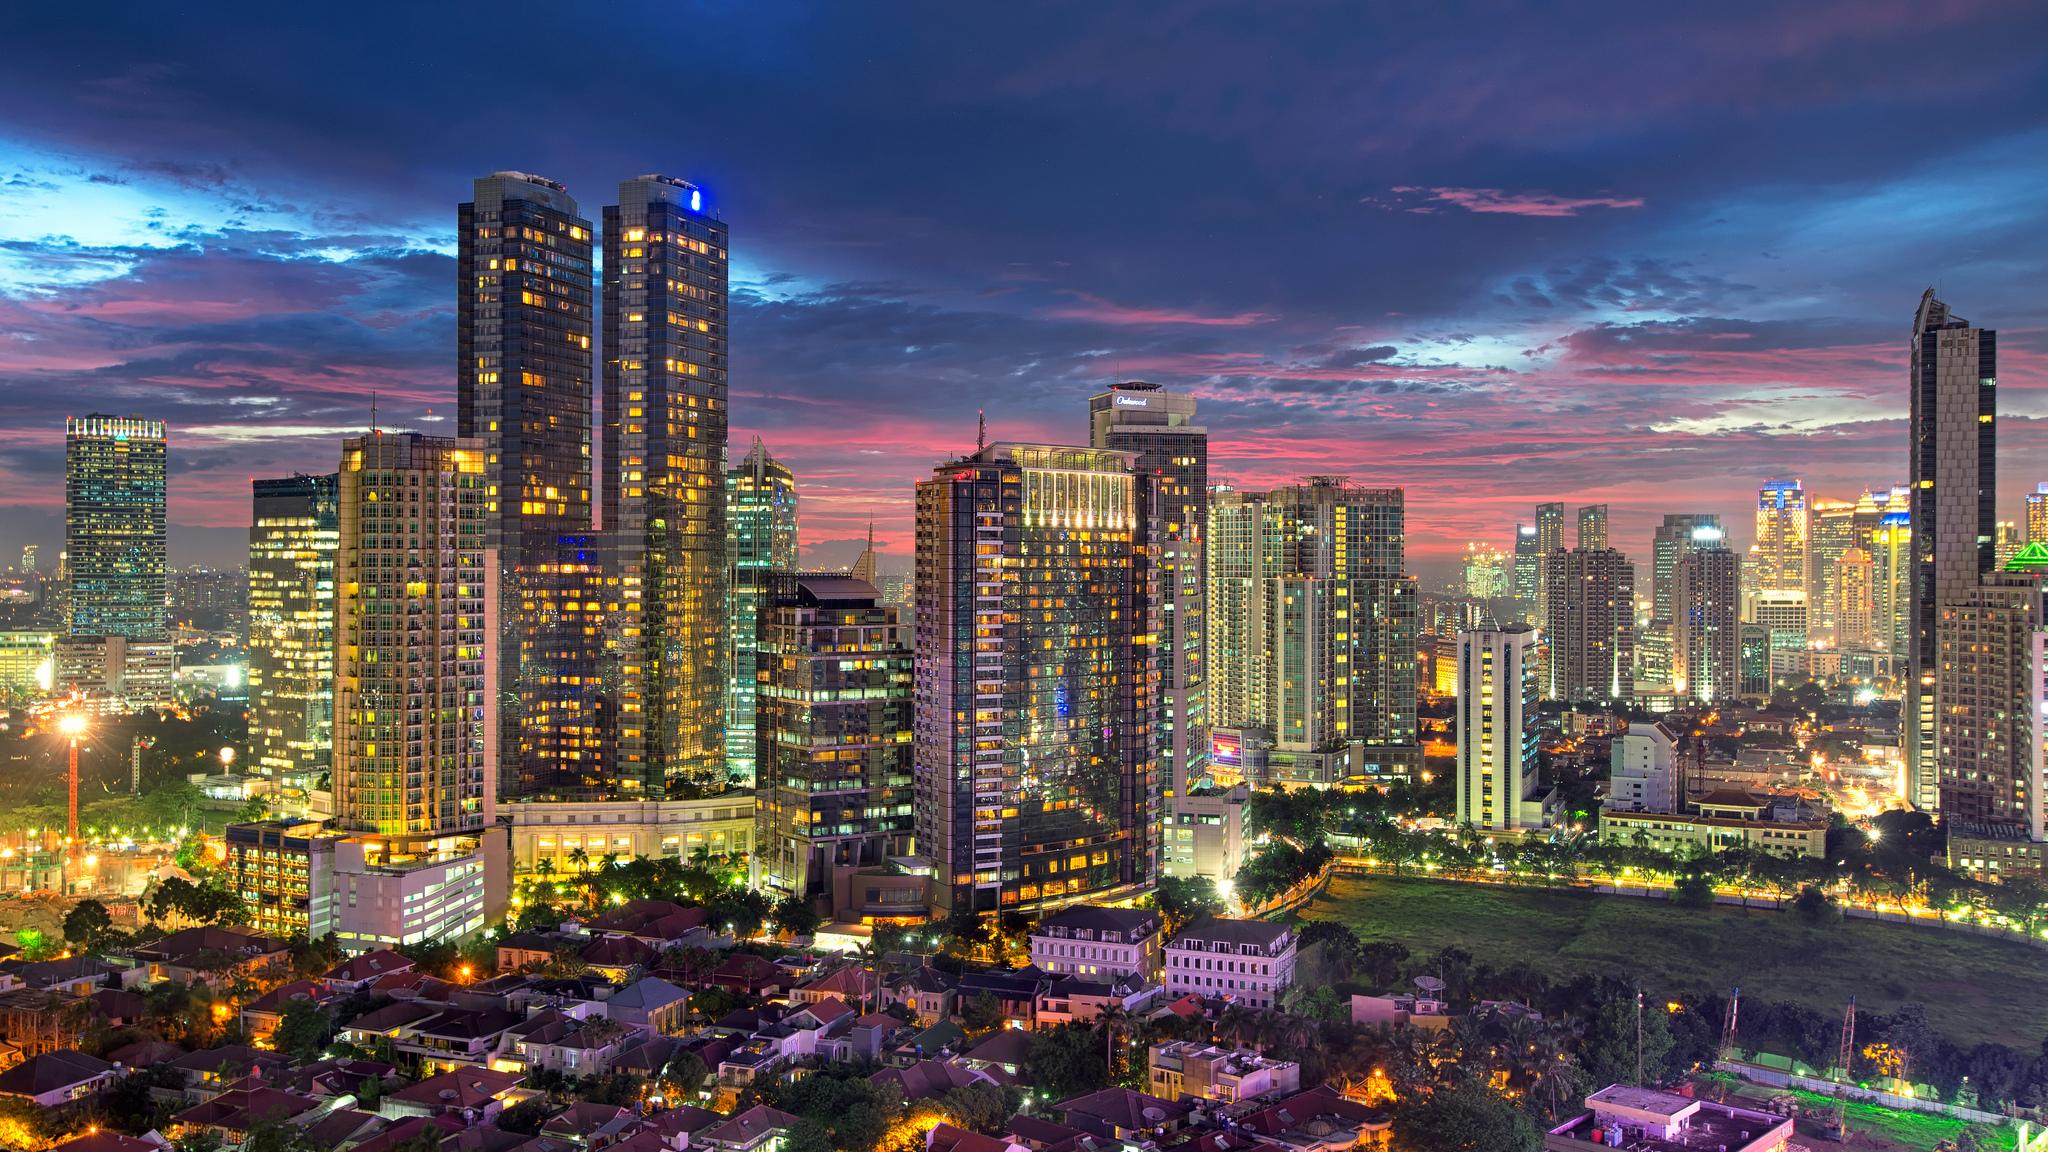 Порошенко посетит Малайзию и Индонезию 3-7 августа для встреч с властями - Цензор.НЕТ 9889